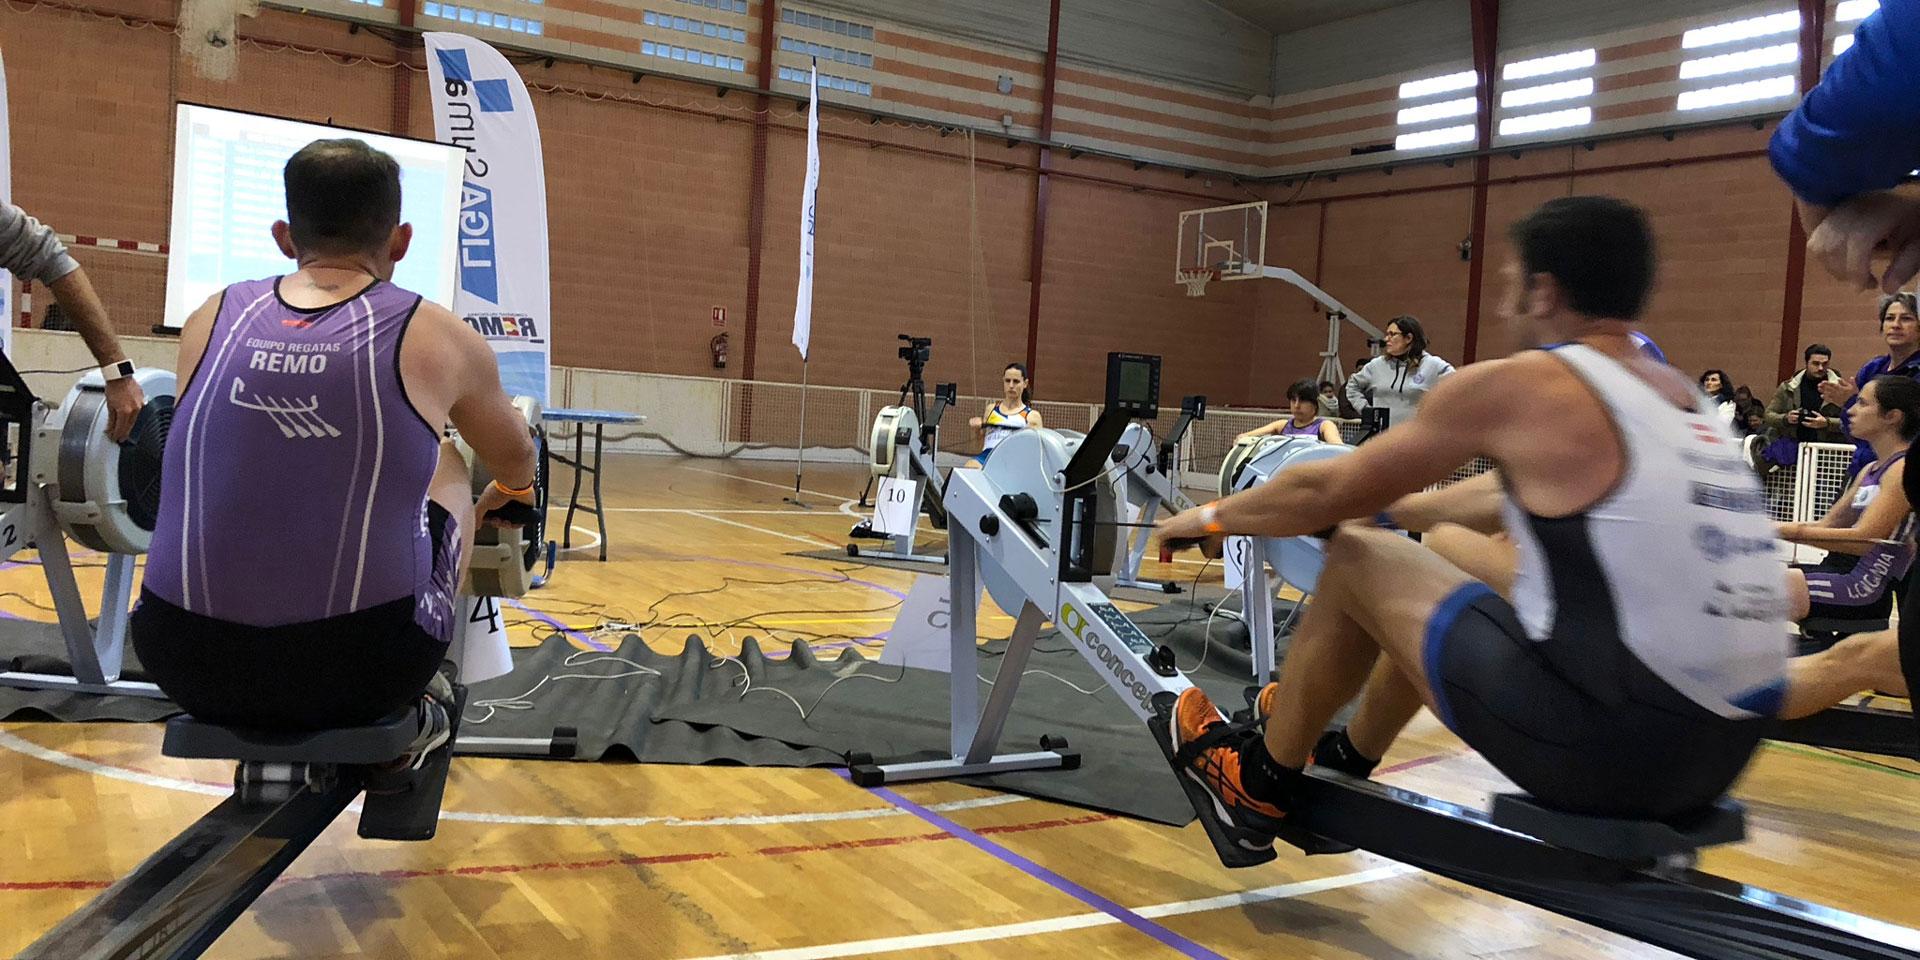 Campeonato Autonómico de Remoergómetro de la Comunidad Valenciana